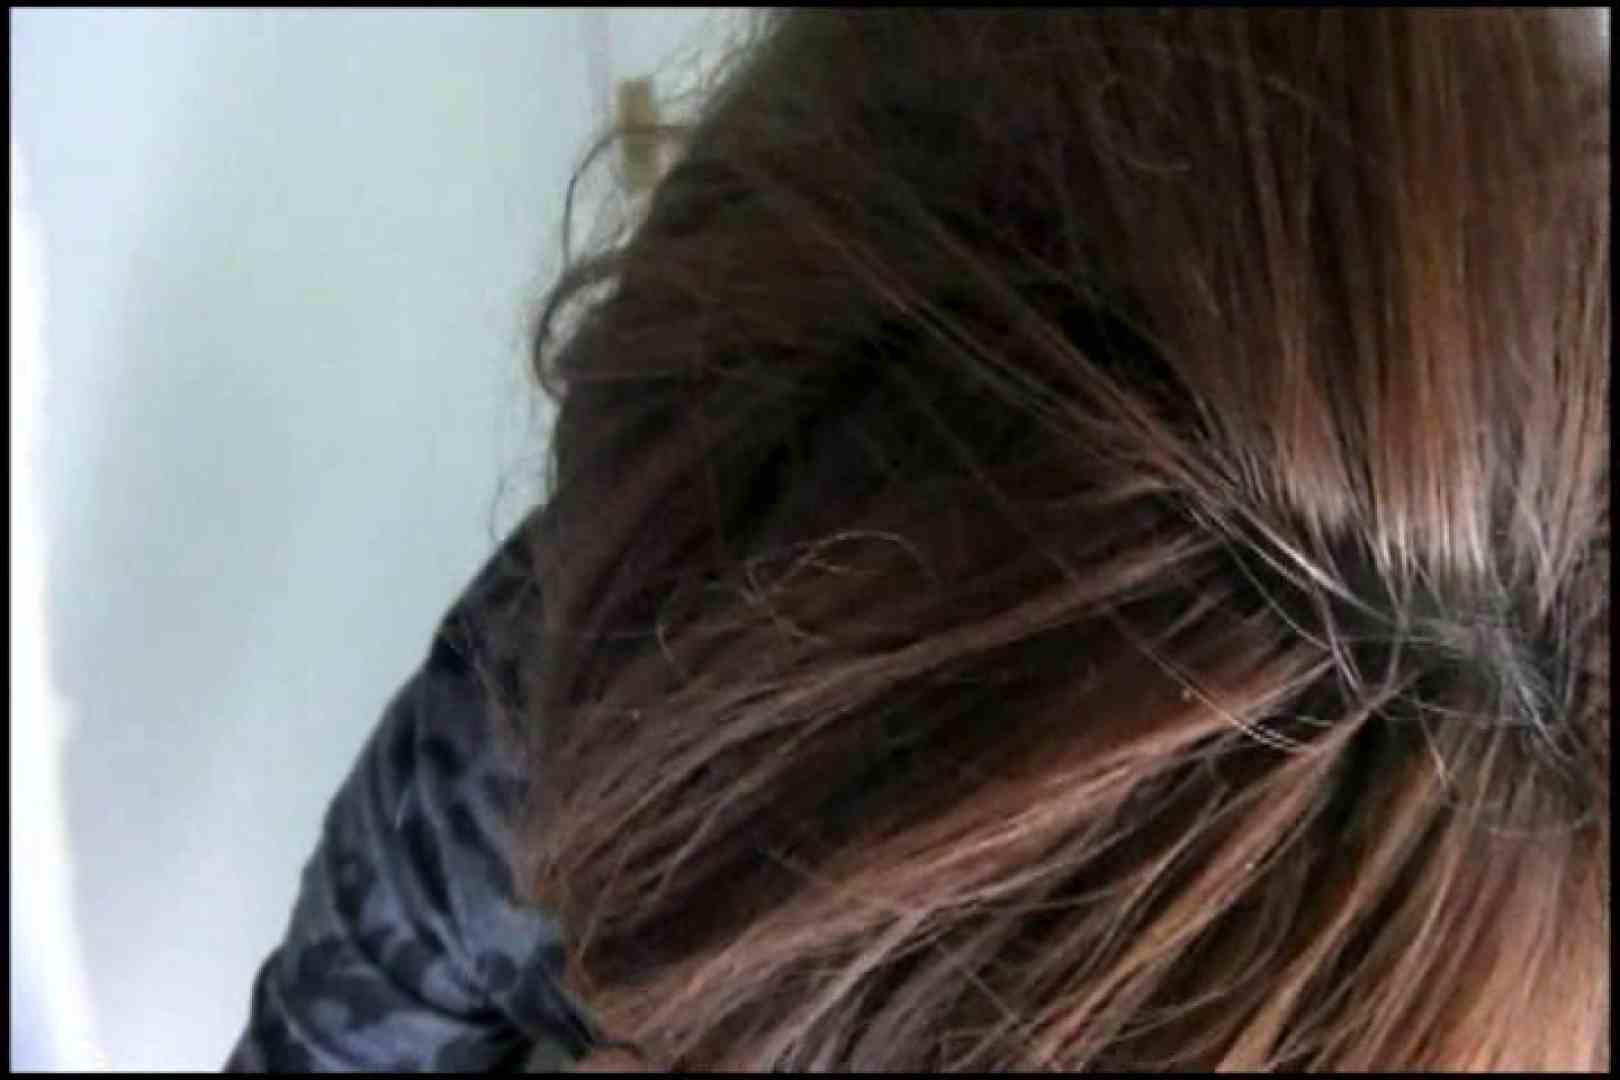 和式にまたがる女たちを待ちうけるカメラの衝撃映像vol.04 盗撮シリーズ セックス画像 84PIX 47